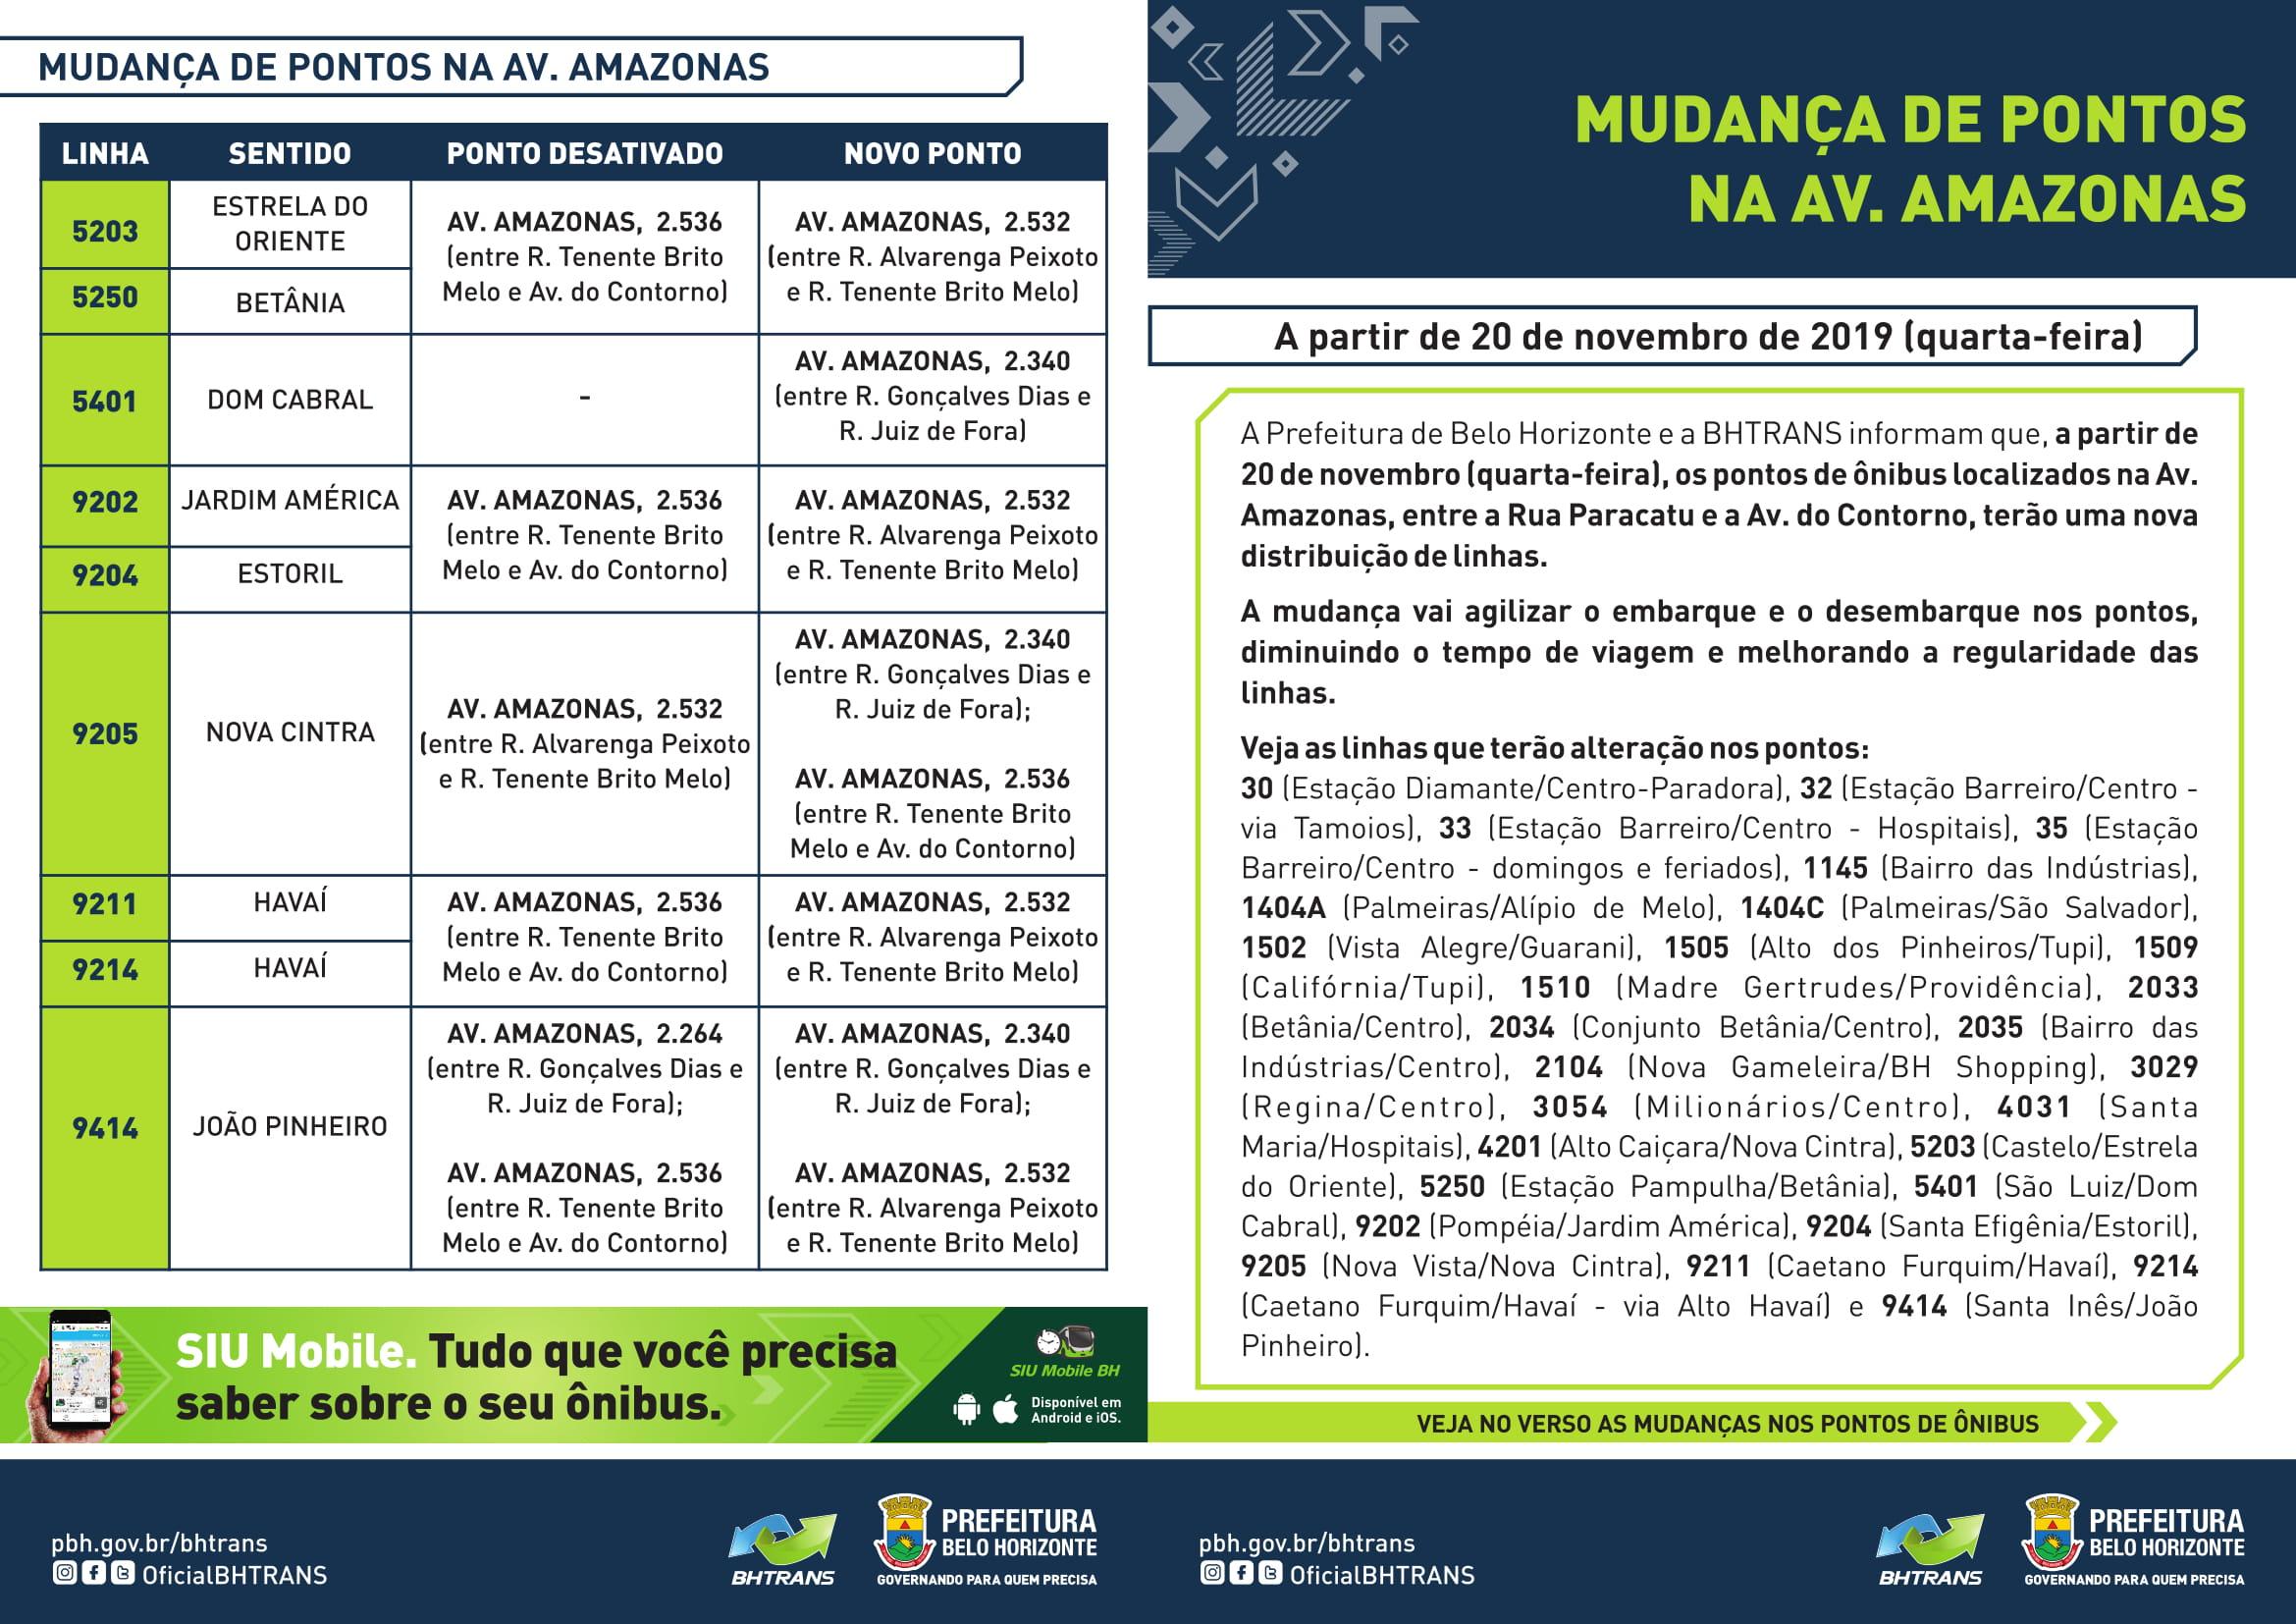 FOLDER MUDAN+çA DE PONTOS AV. AMAZONAS_NOV19_web-1